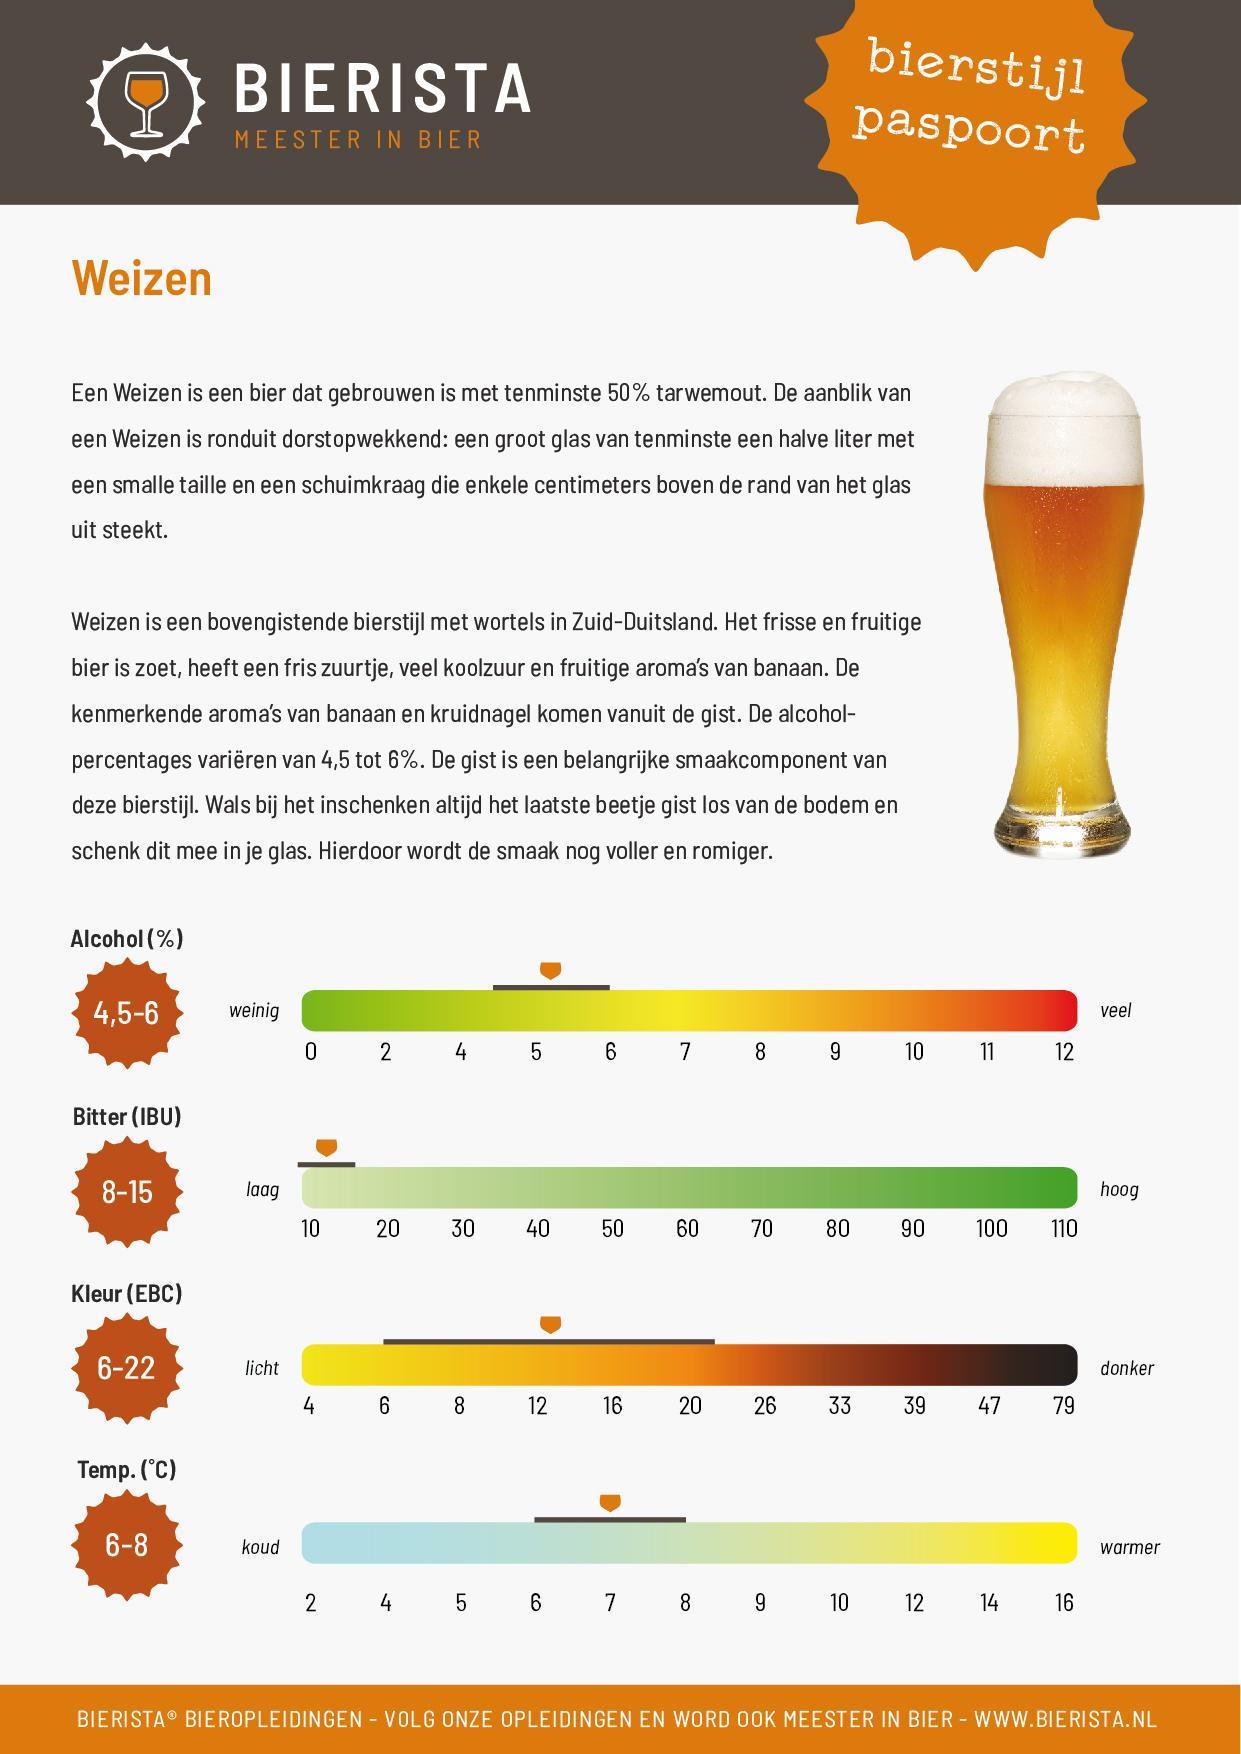 Bierpaspoort Weizen